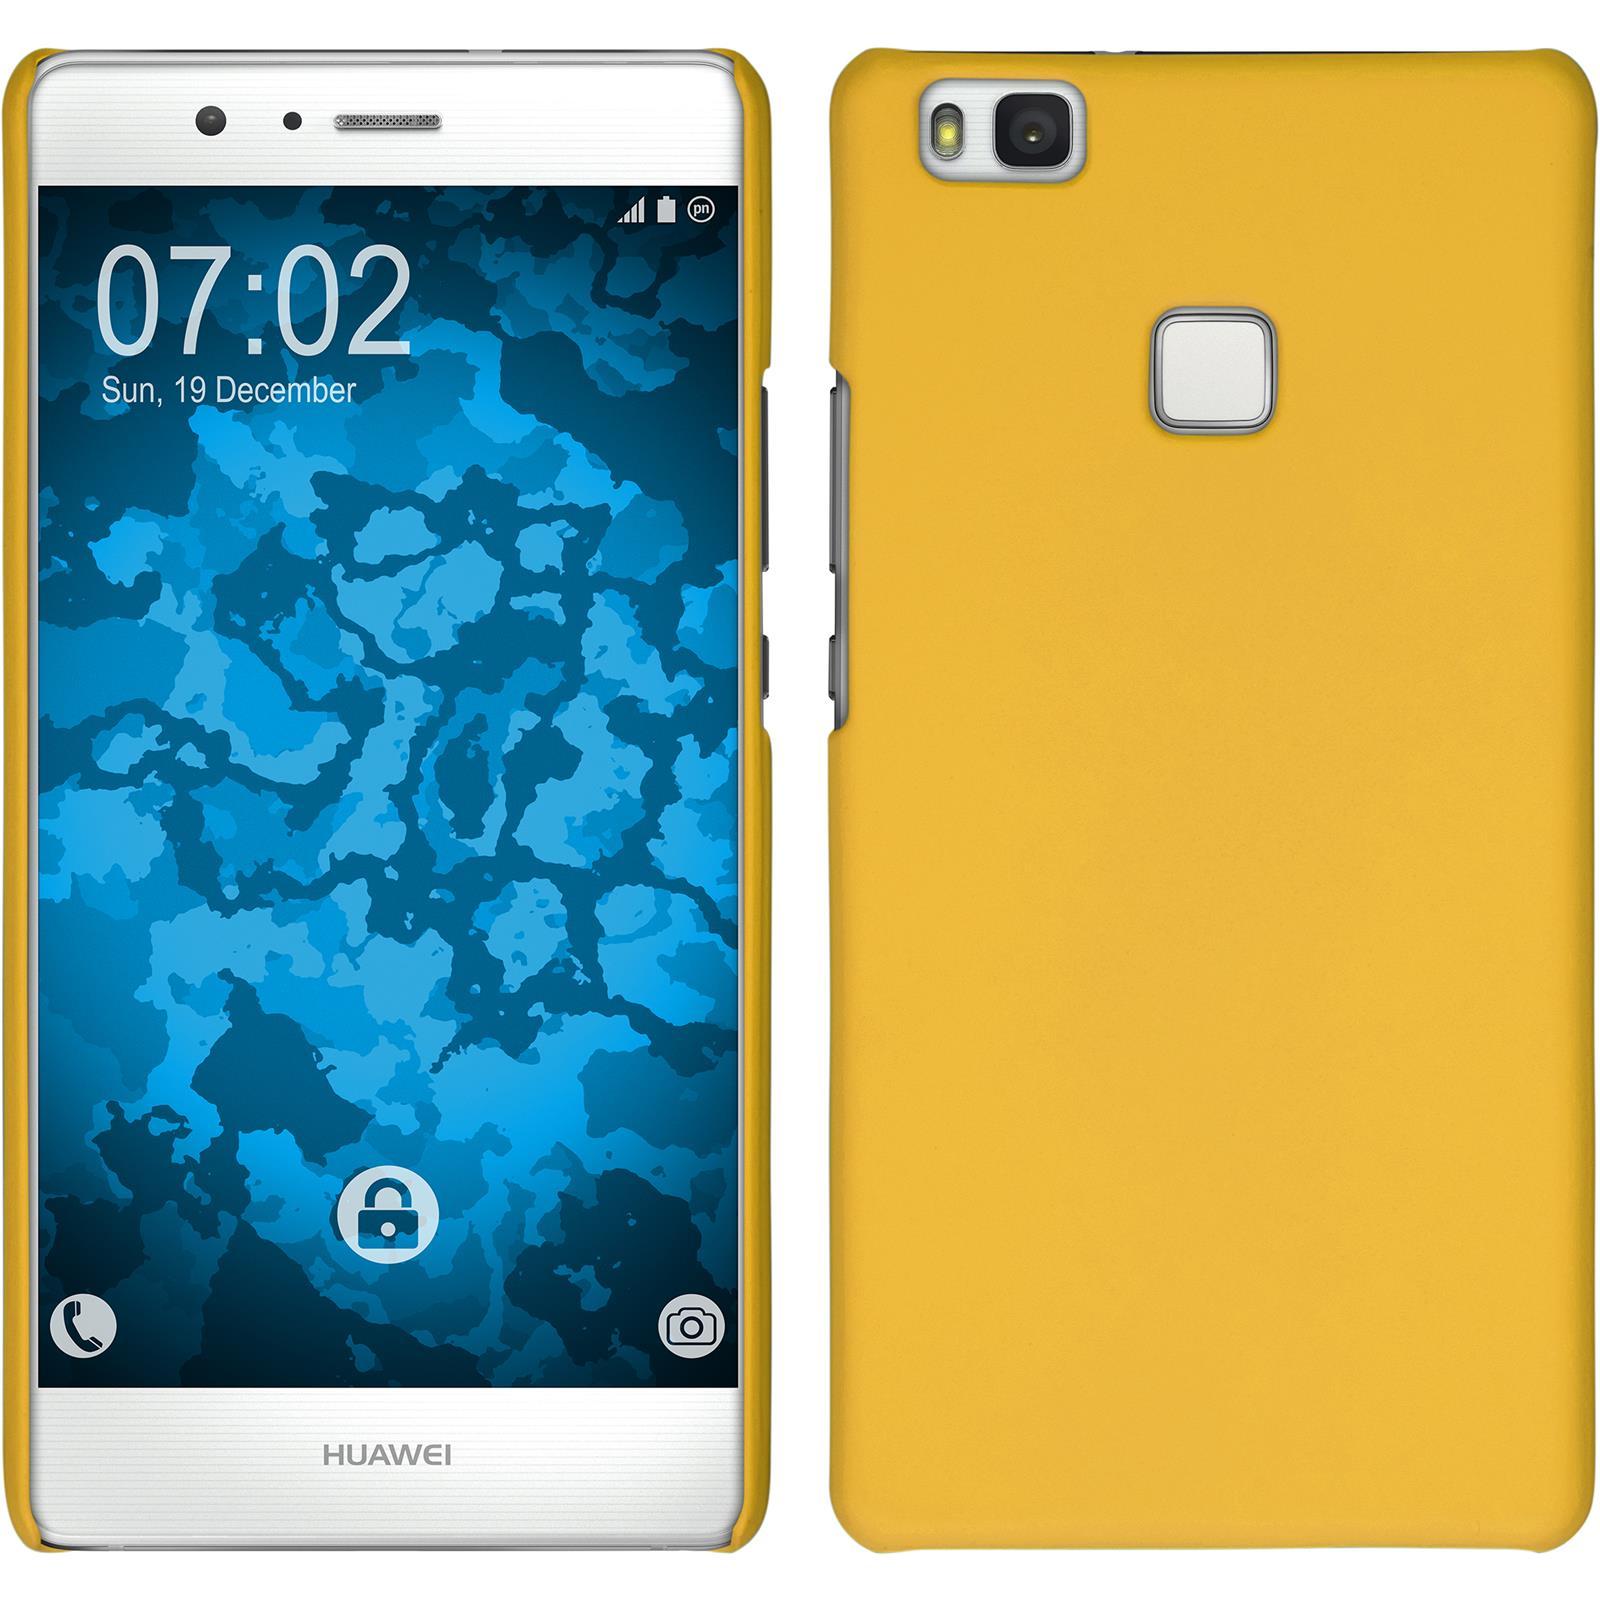 Custodia-Rigida-Gommata-Per-Modelli-Di-Huawei-Cover-Case-Pellicola-Protettiva